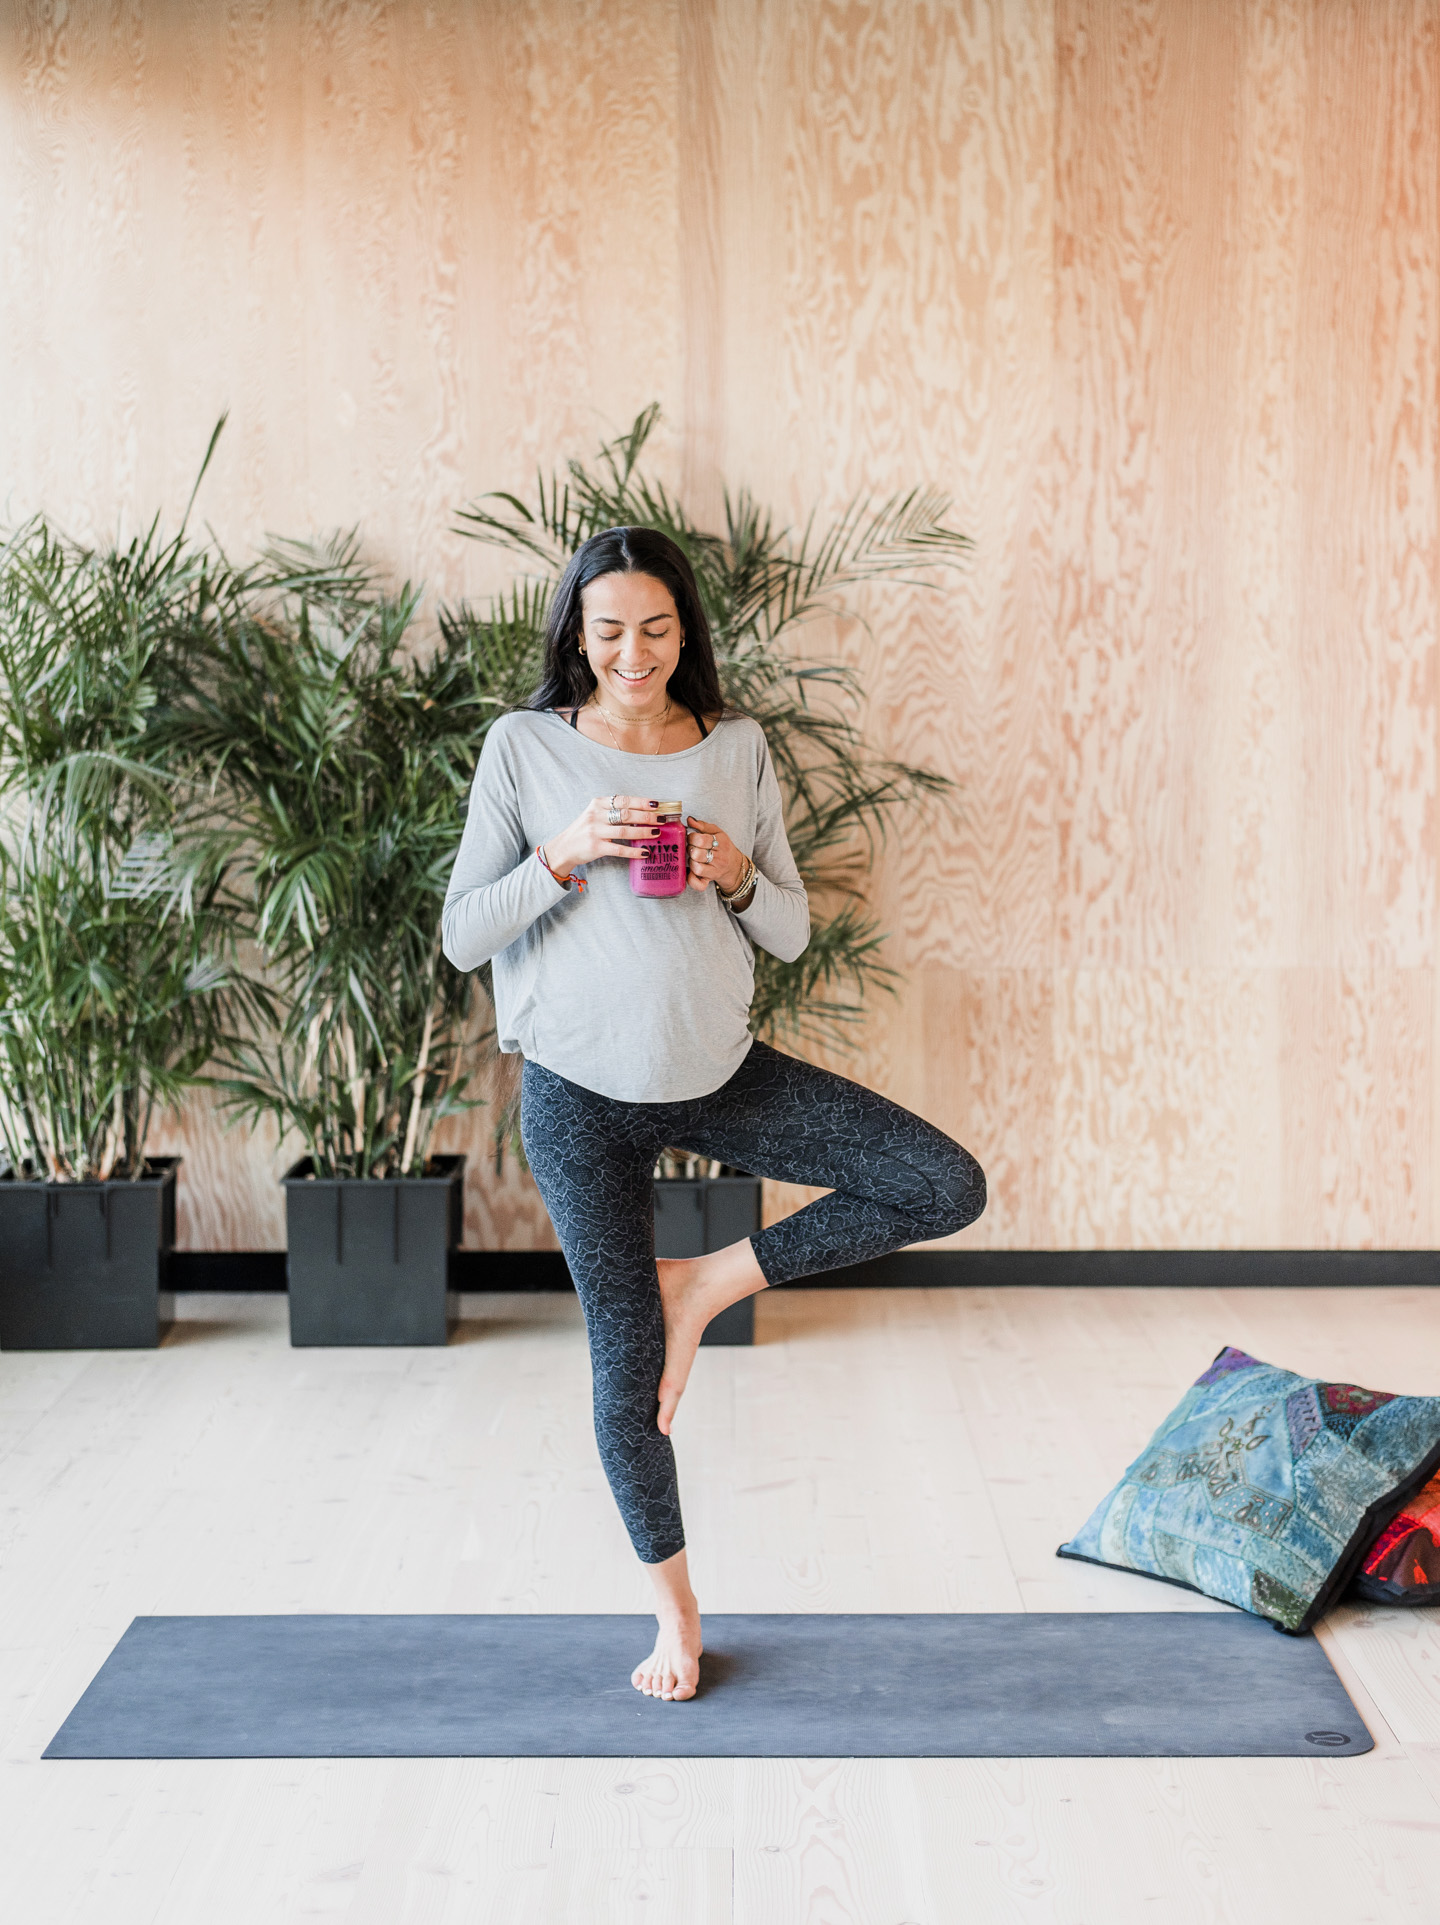 Une personne faisant du yoga. La présence attentive est une facette de cette activité.